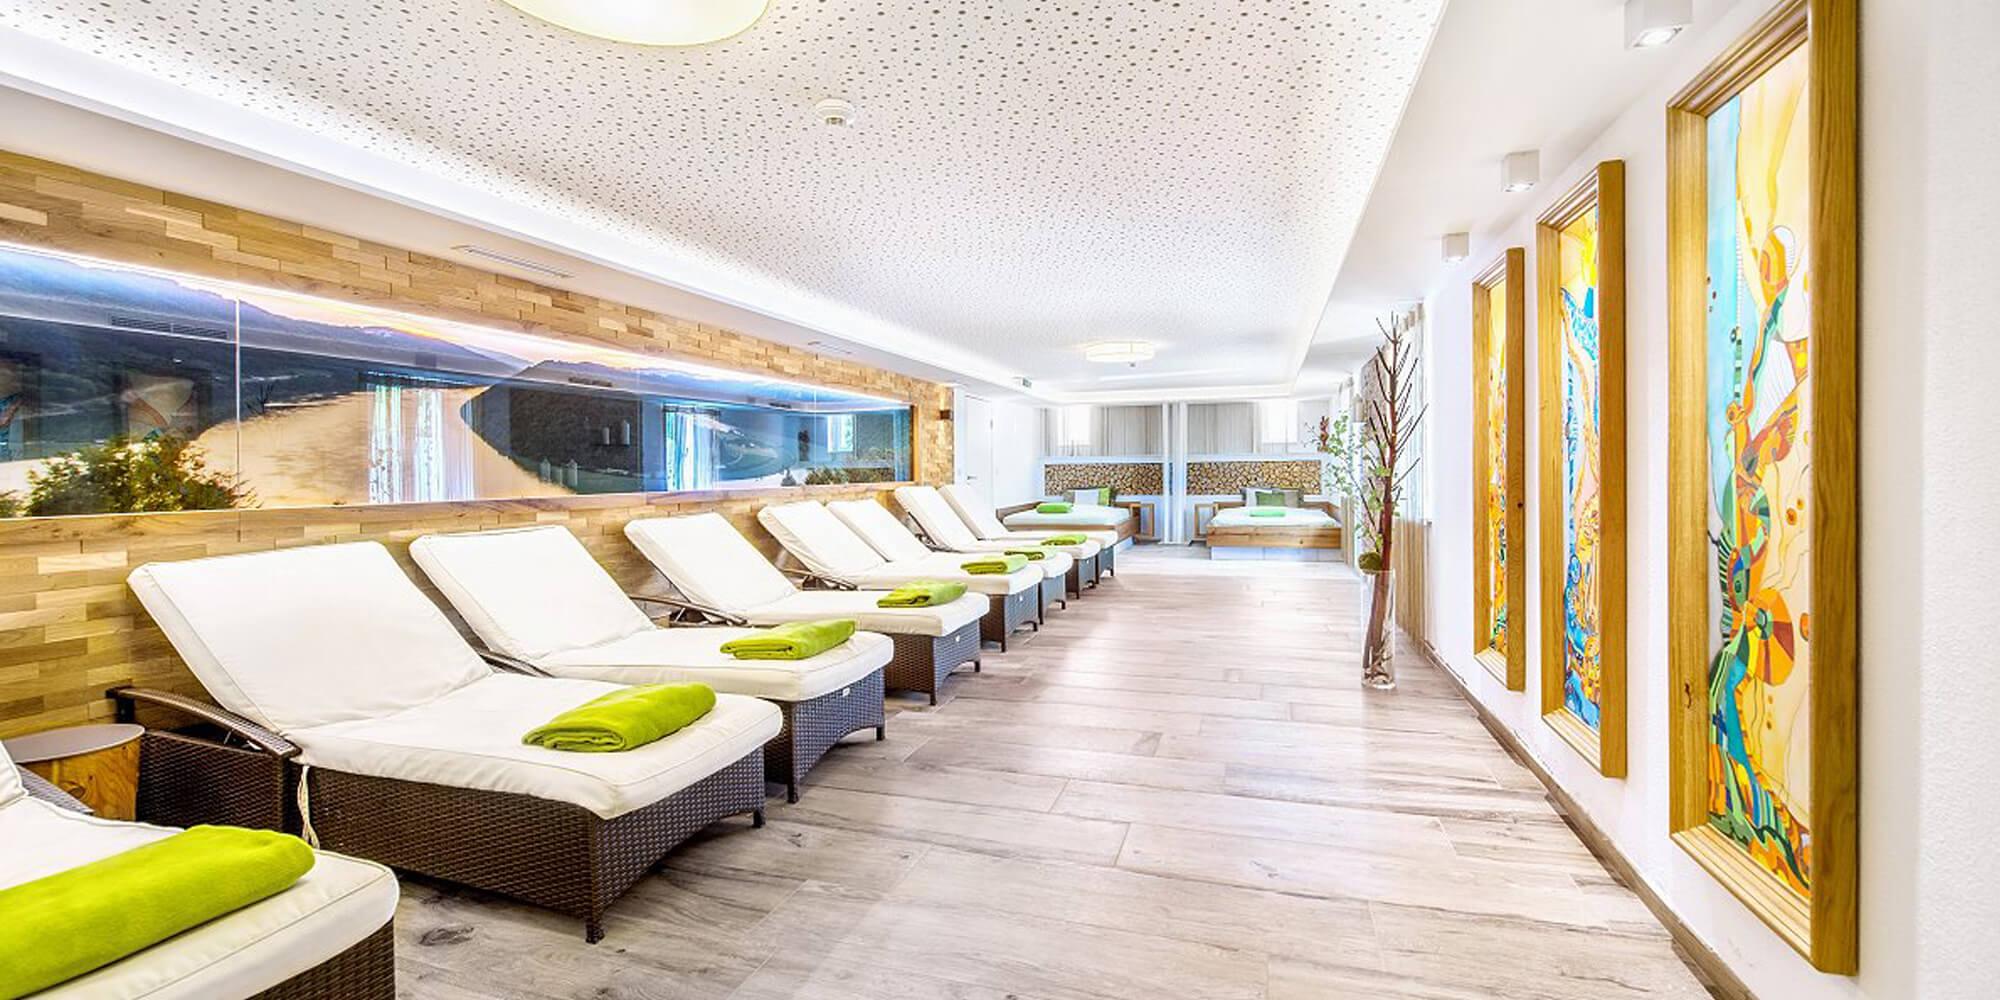 Crea-Plan-Design-Rauch-Frühmann-Architektur-Innenarchitektur-Design-Projekt-Referenz-Hotelerie-Gastronomie-Hotel-Donauschlinge-Wellness-4